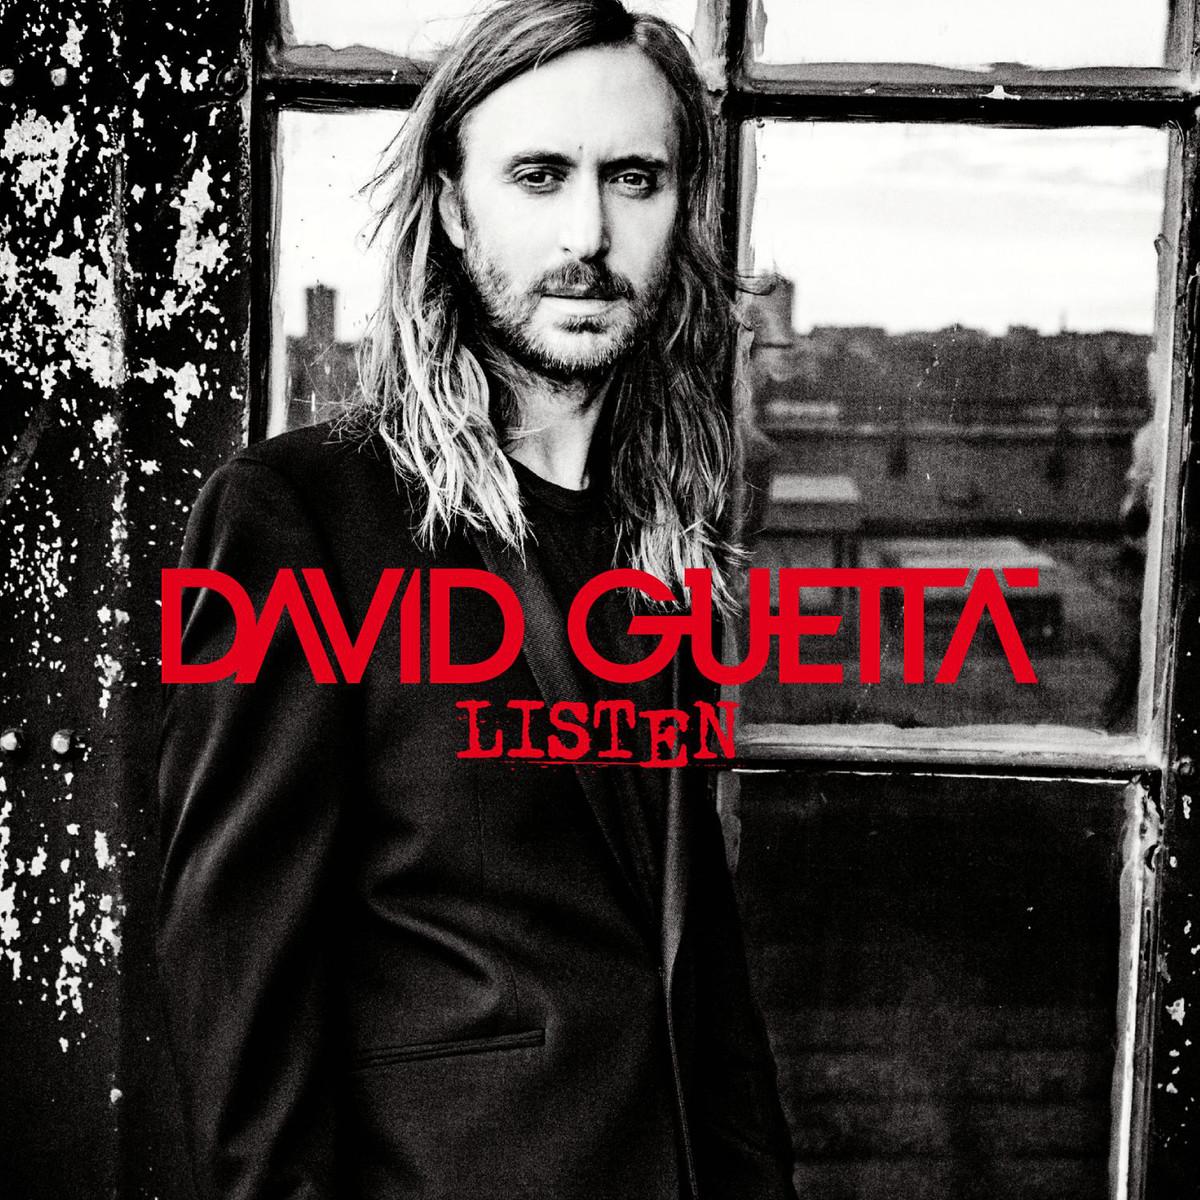 ALBUM REVIEW: David Guetta – Listen | ThomasBleach